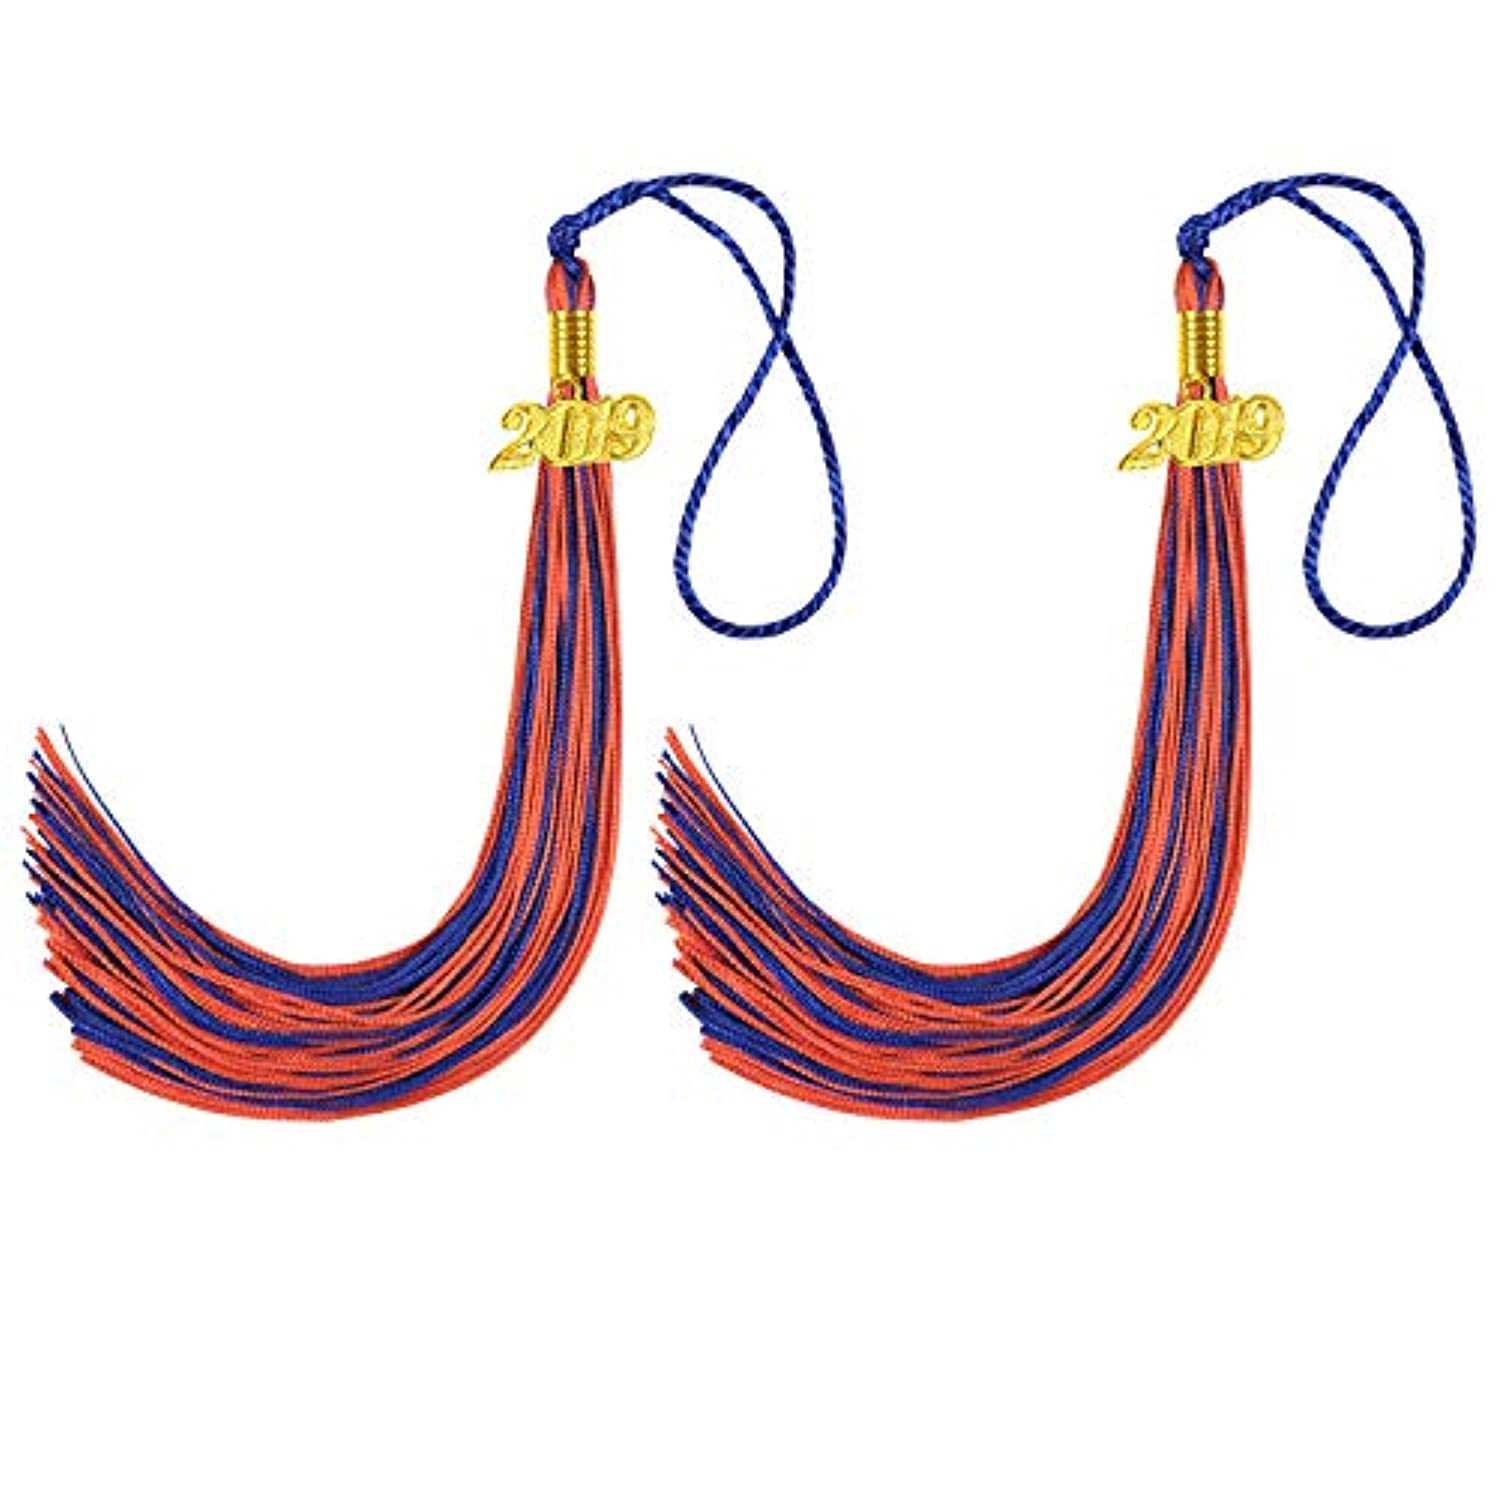 2 Pcs Graduation Cap Tassel, Kissbuty Uniforms Graduation Tassel with 2019 Gold Year Charm for Graduation Photography Party Double Color (Royal Blue and Orange)